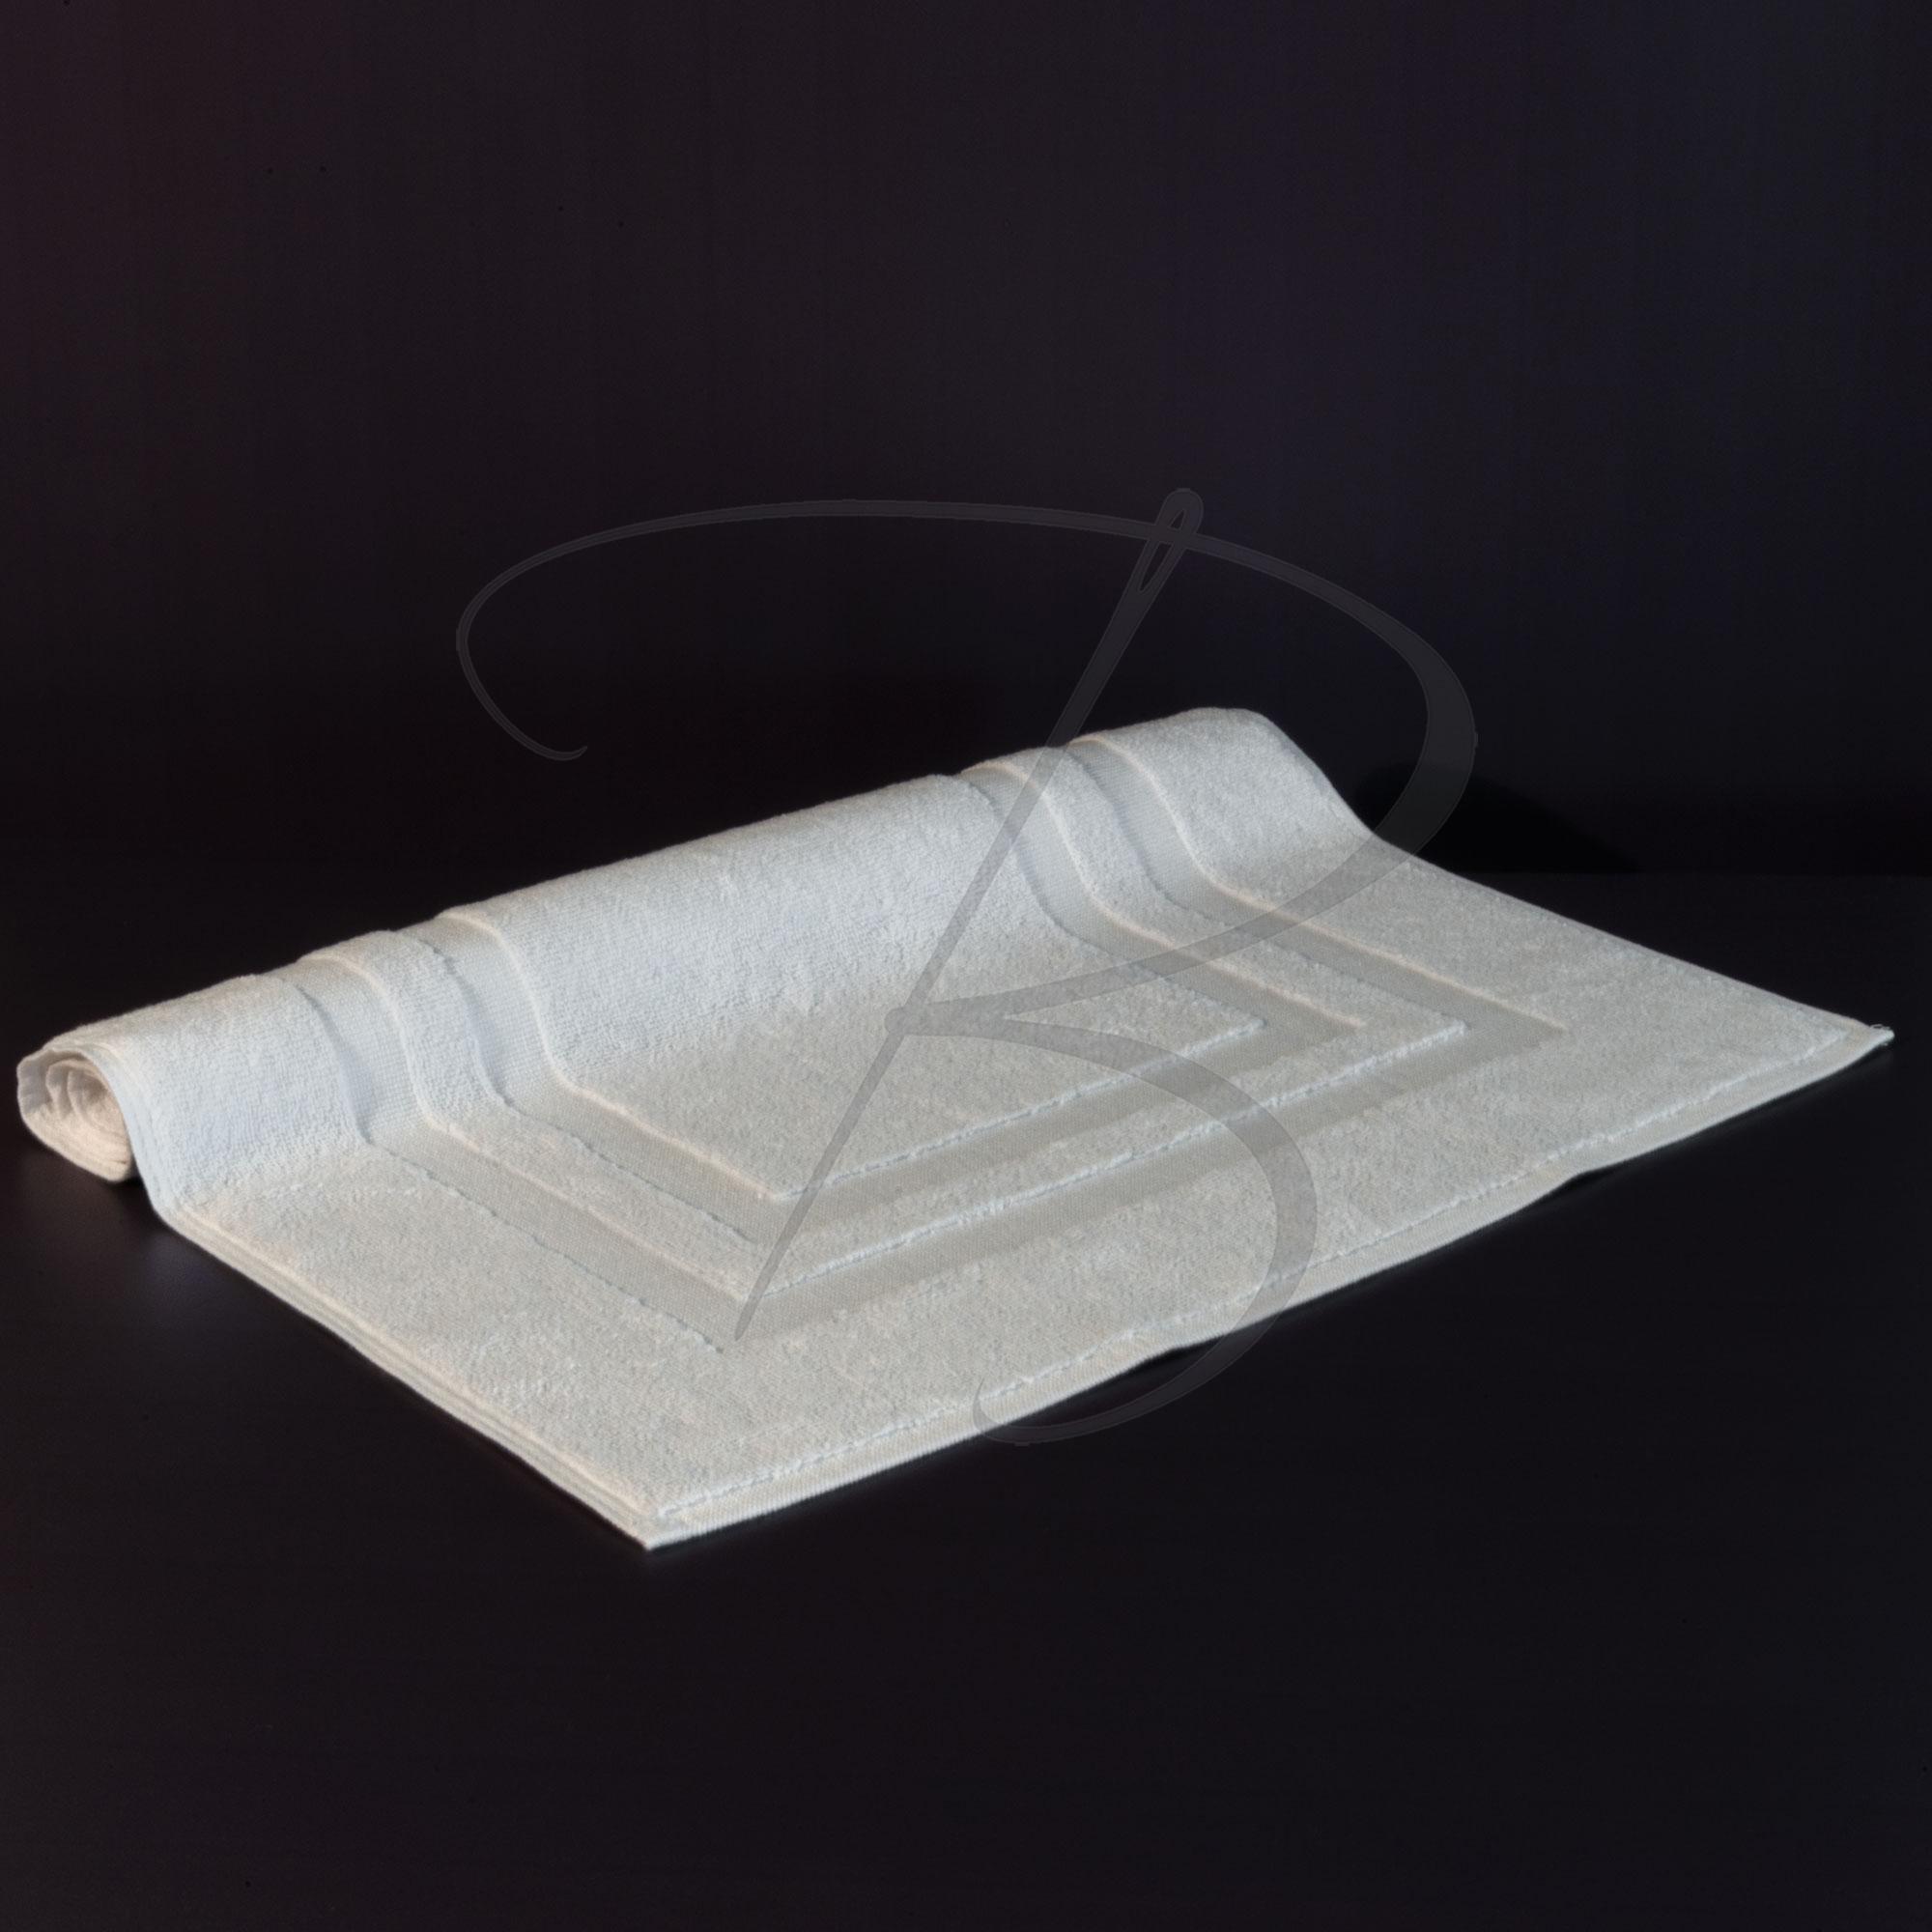 linge-bain-rio-coton